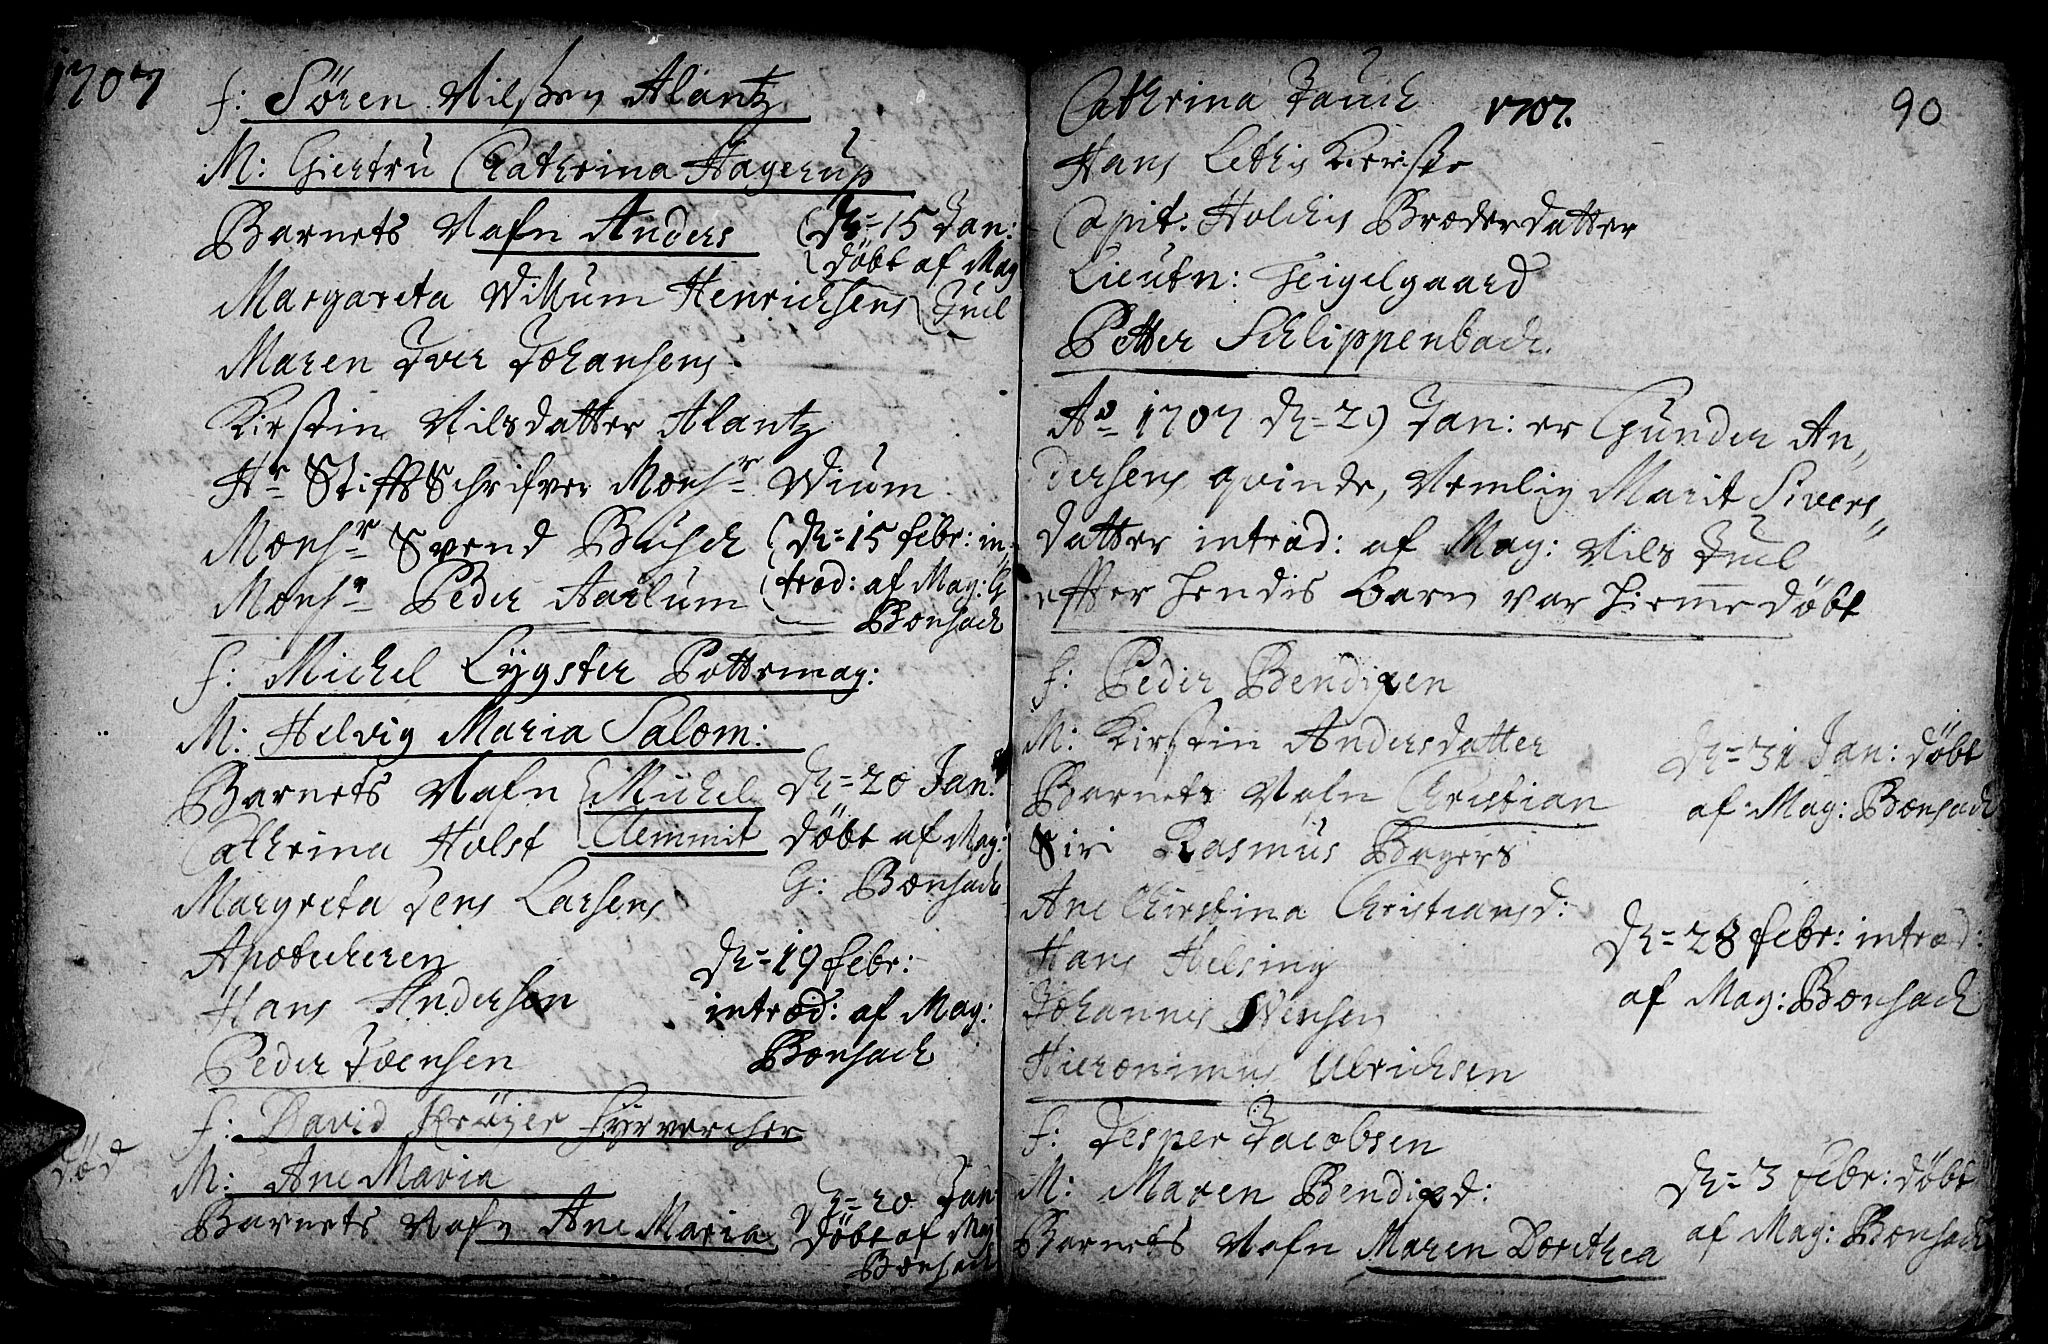 SAT, Ministerialprotokoller, klokkerbøker og fødselsregistre - Sør-Trøndelag, 601/L0034: Ministerialbok nr. 601A02, 1702-1714, s. 90